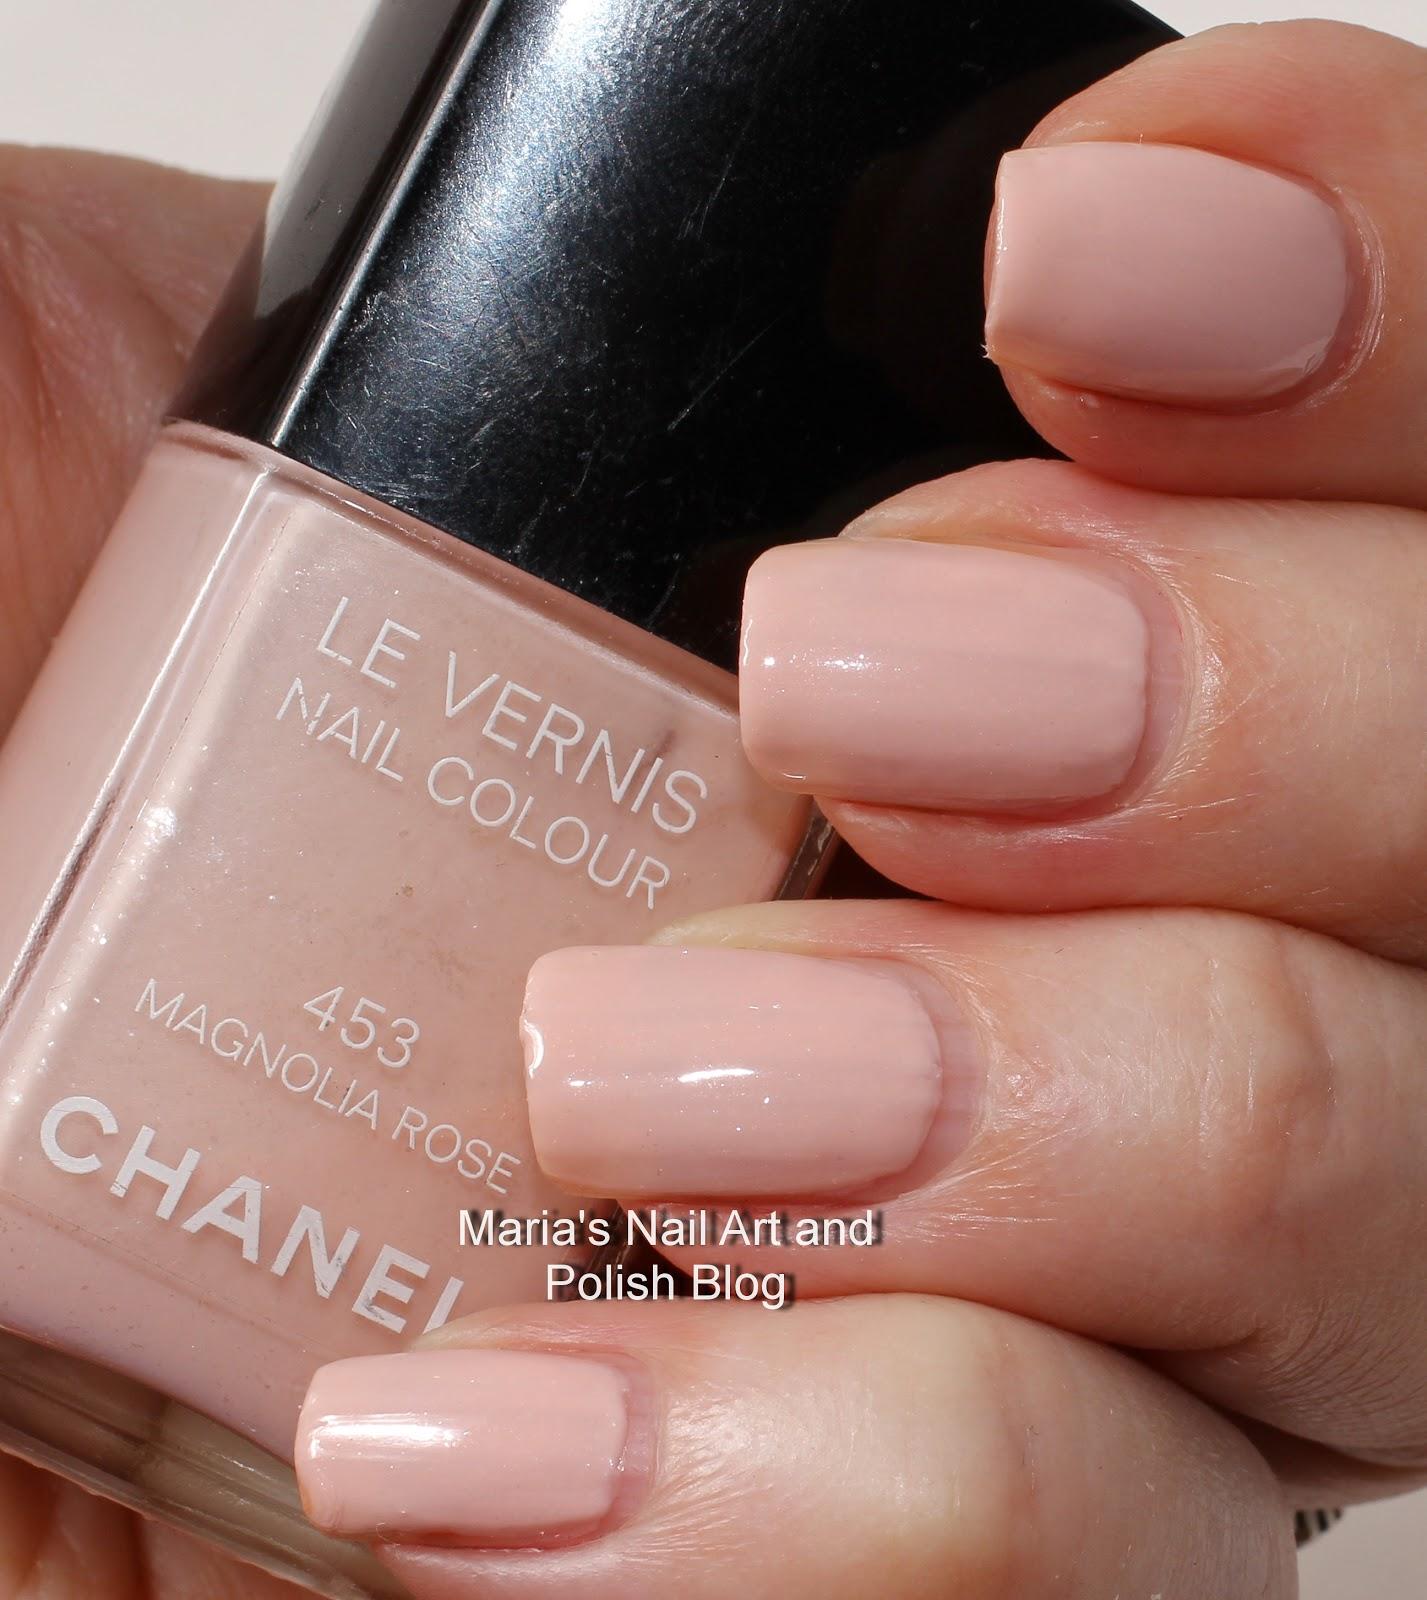 Marias Nail Art and Polish Blog: Chanel Magnolia Rose 453 fall 2007 ...